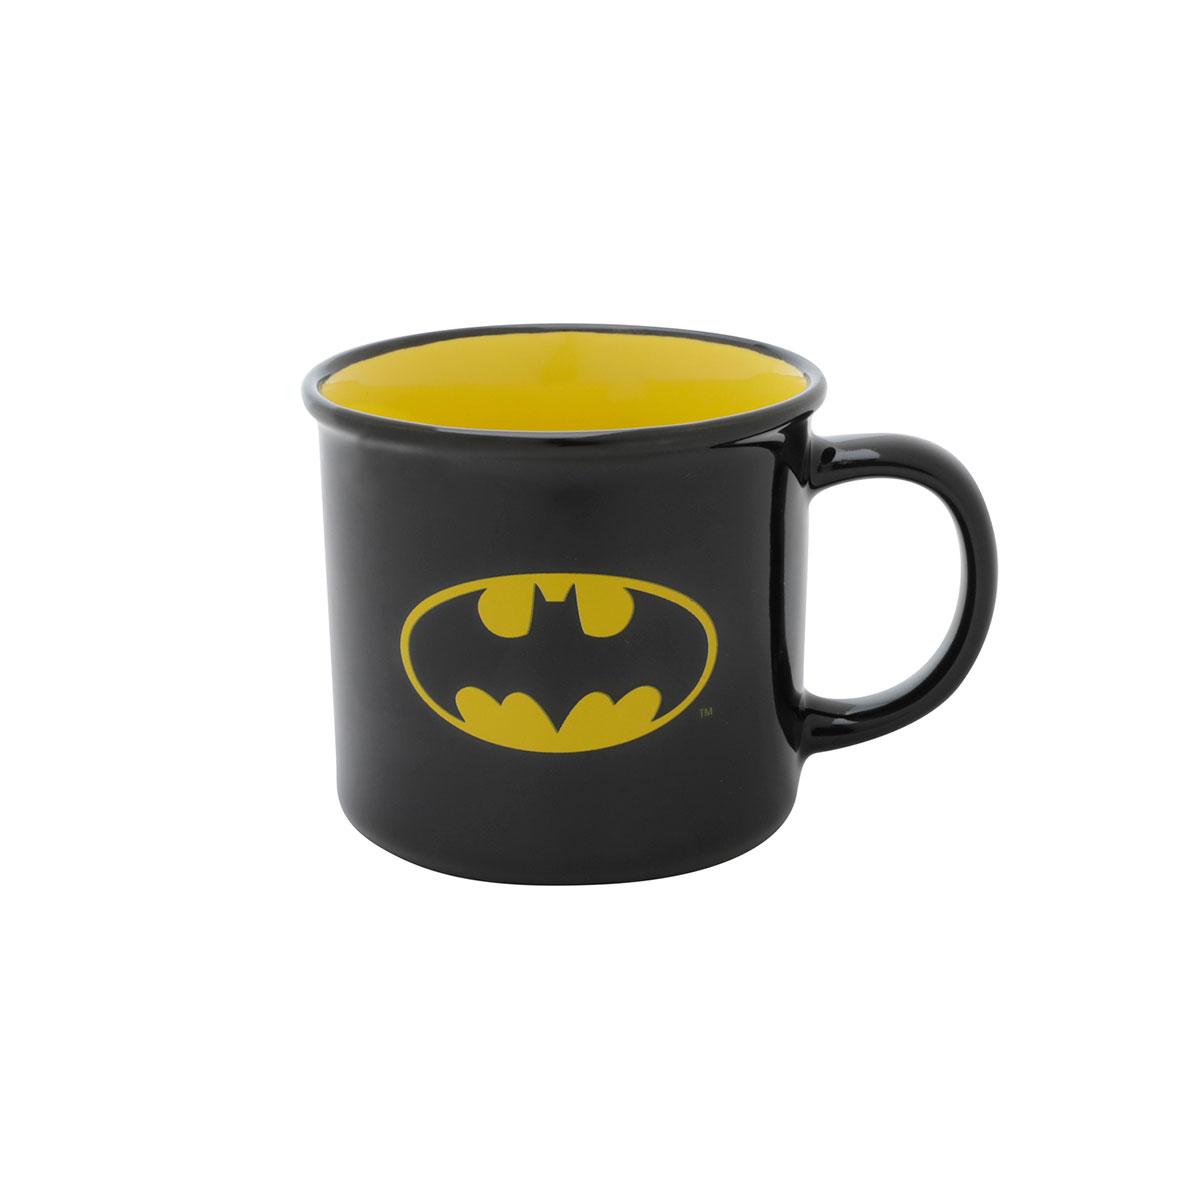 Caneca de Porcelana Batman Logo Preto Amarelo - Presente Super